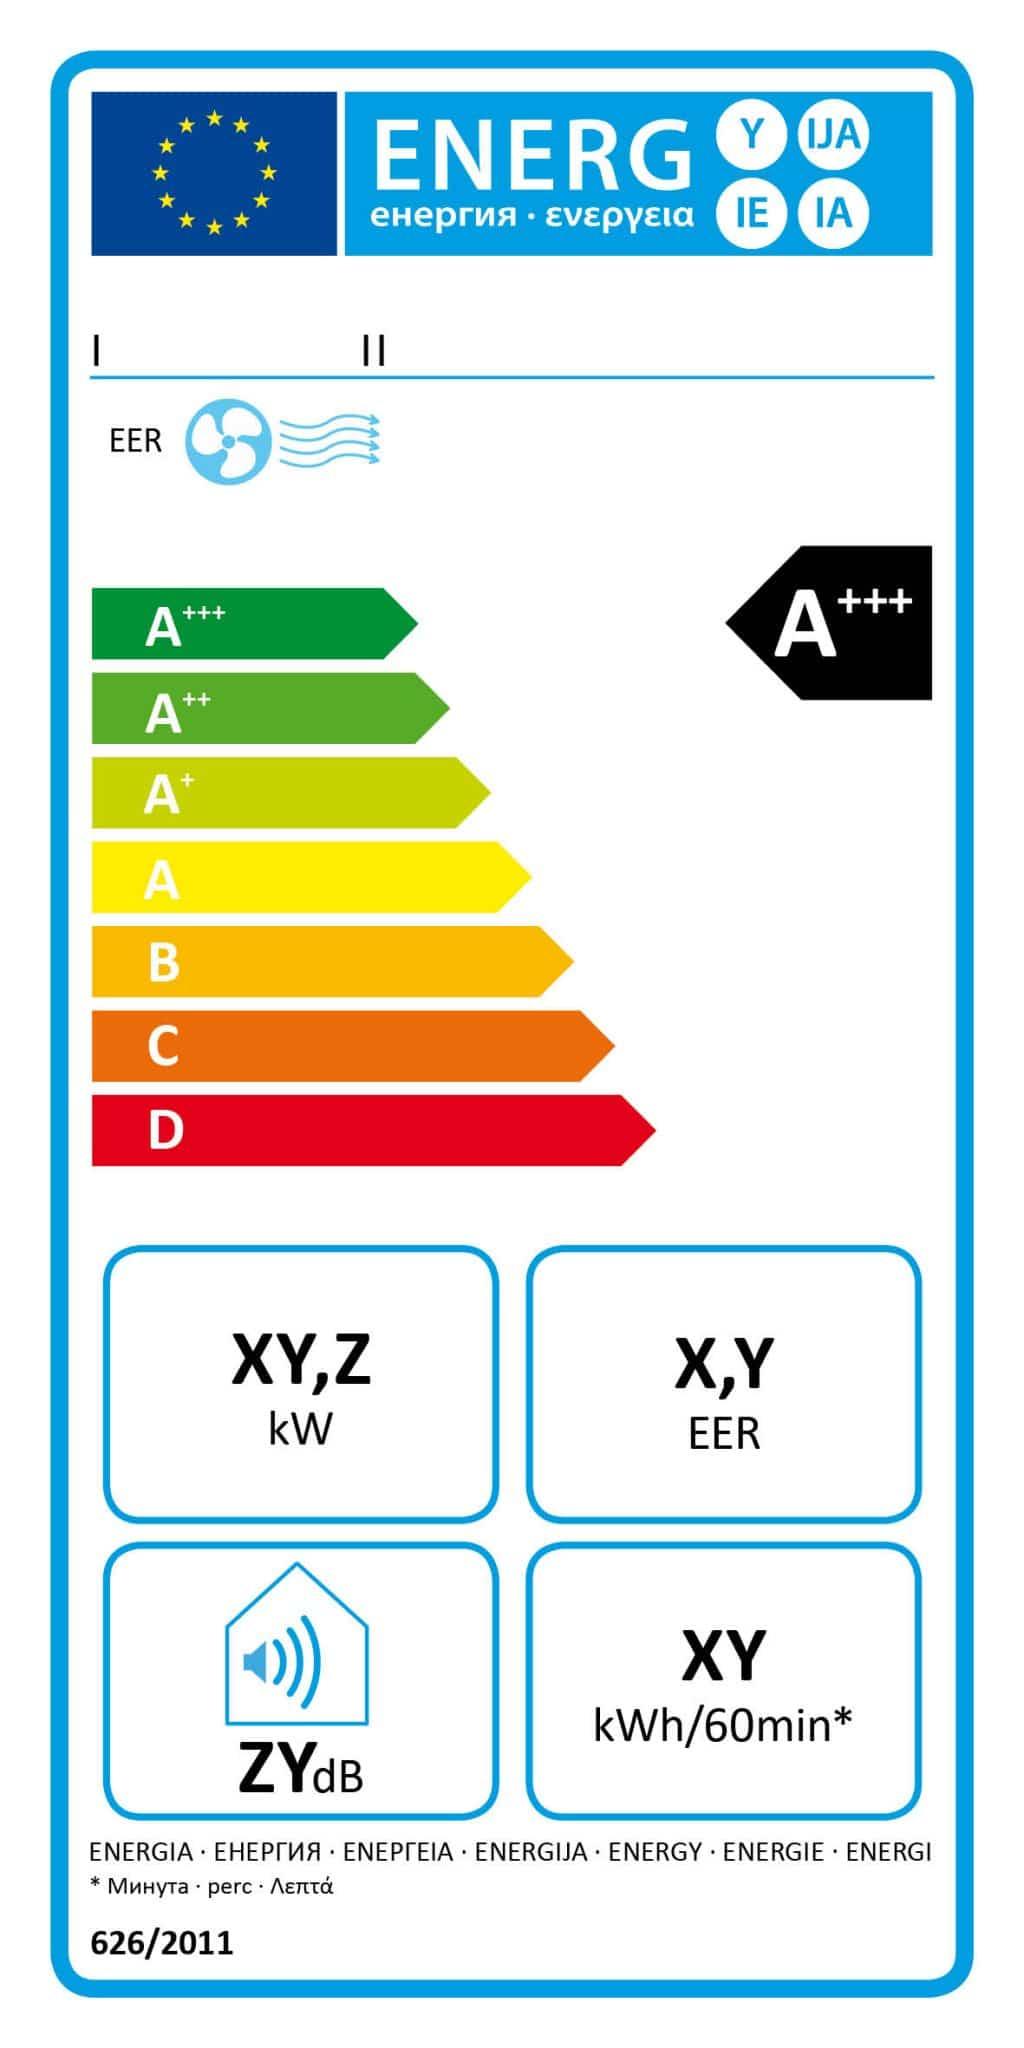 Etykieta energetyczna dla klimatyzatorów jednokanałowych z funkcją chłodzenia - wlaczoszczedzanie.pl